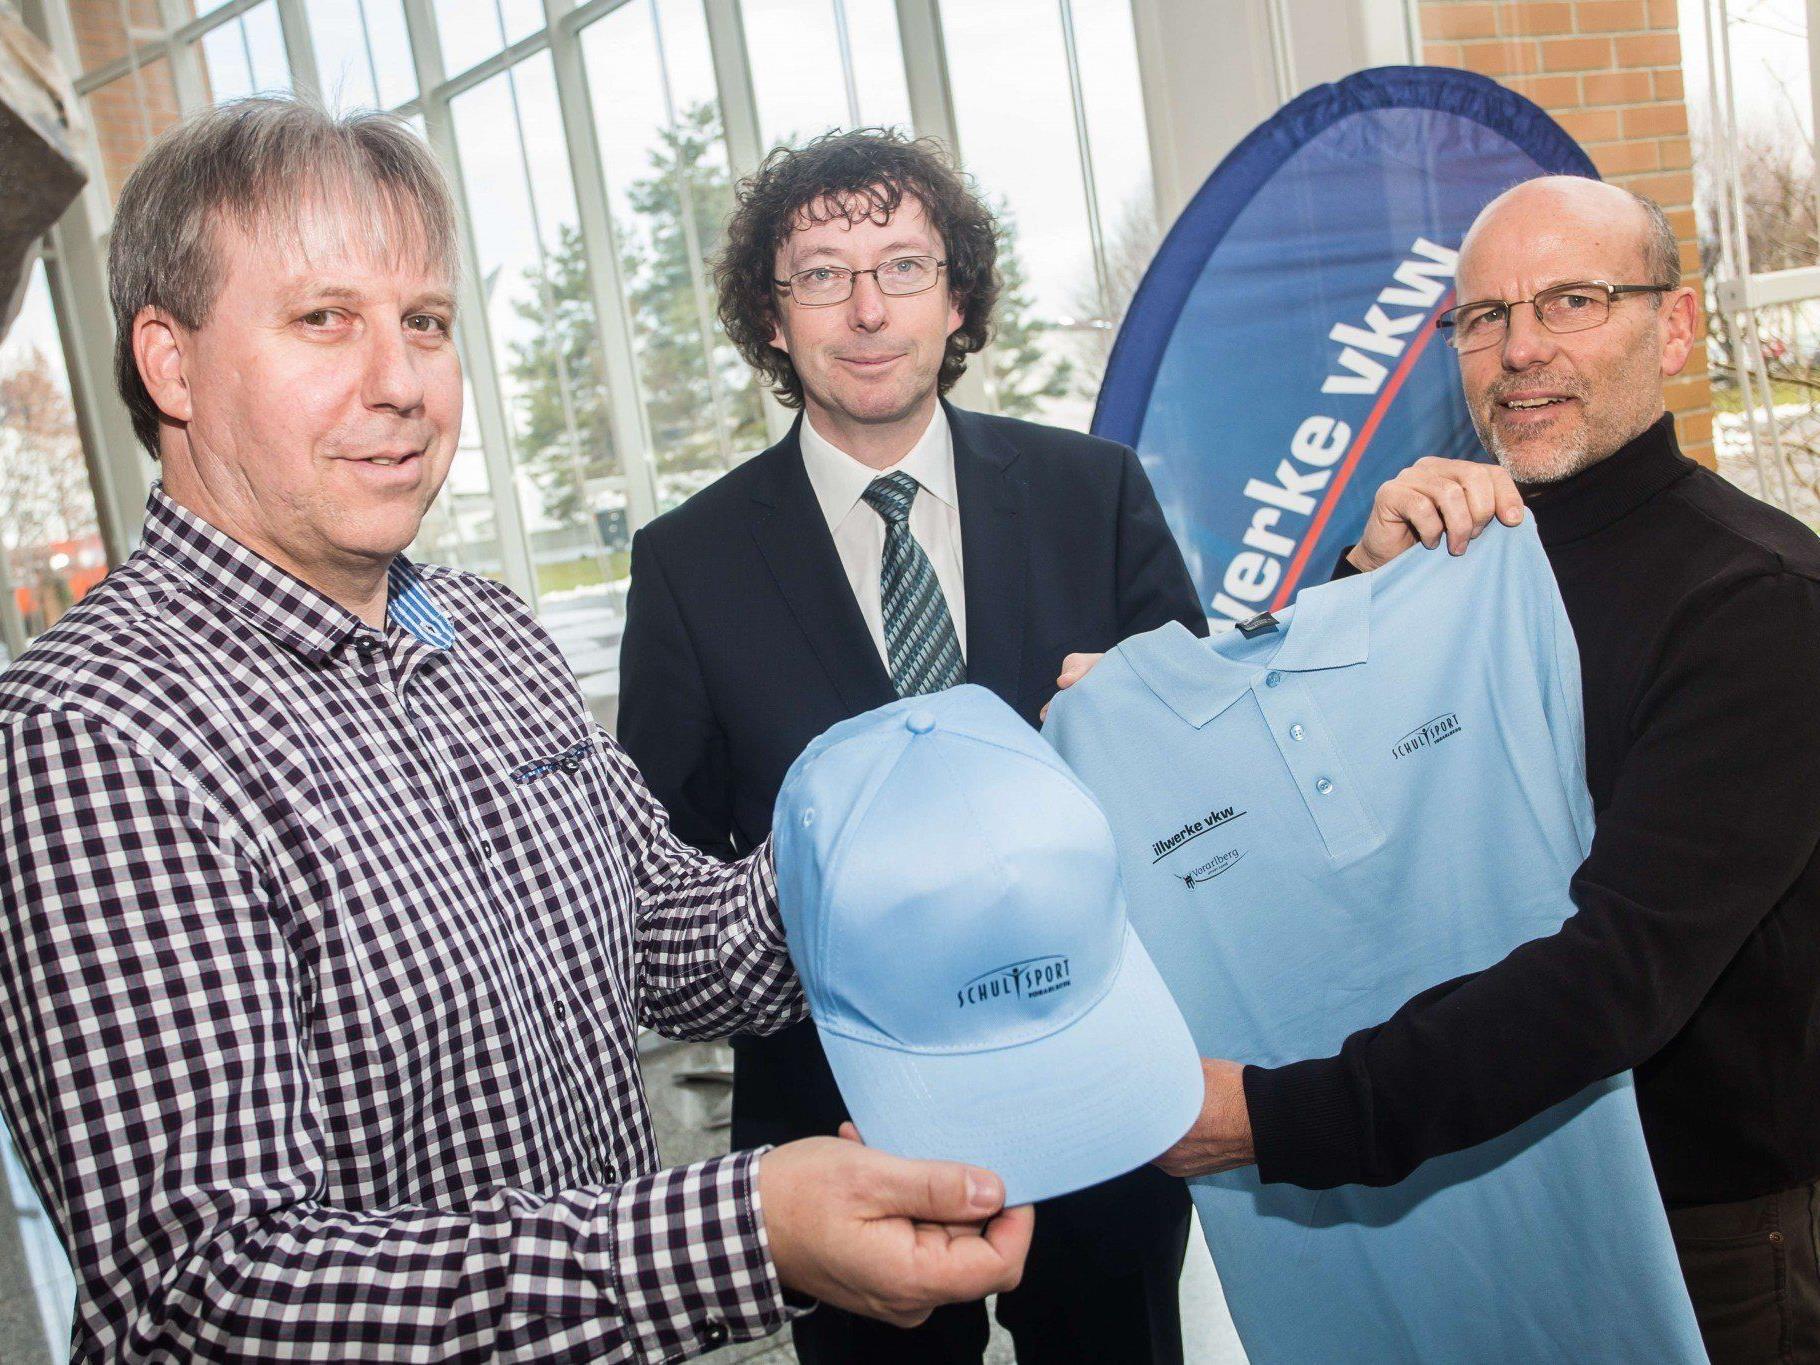 Schulsport-Referent Christoph Neyer, Andreas Neuhauser (illwerke vkw) und FI Conny Berchtold.